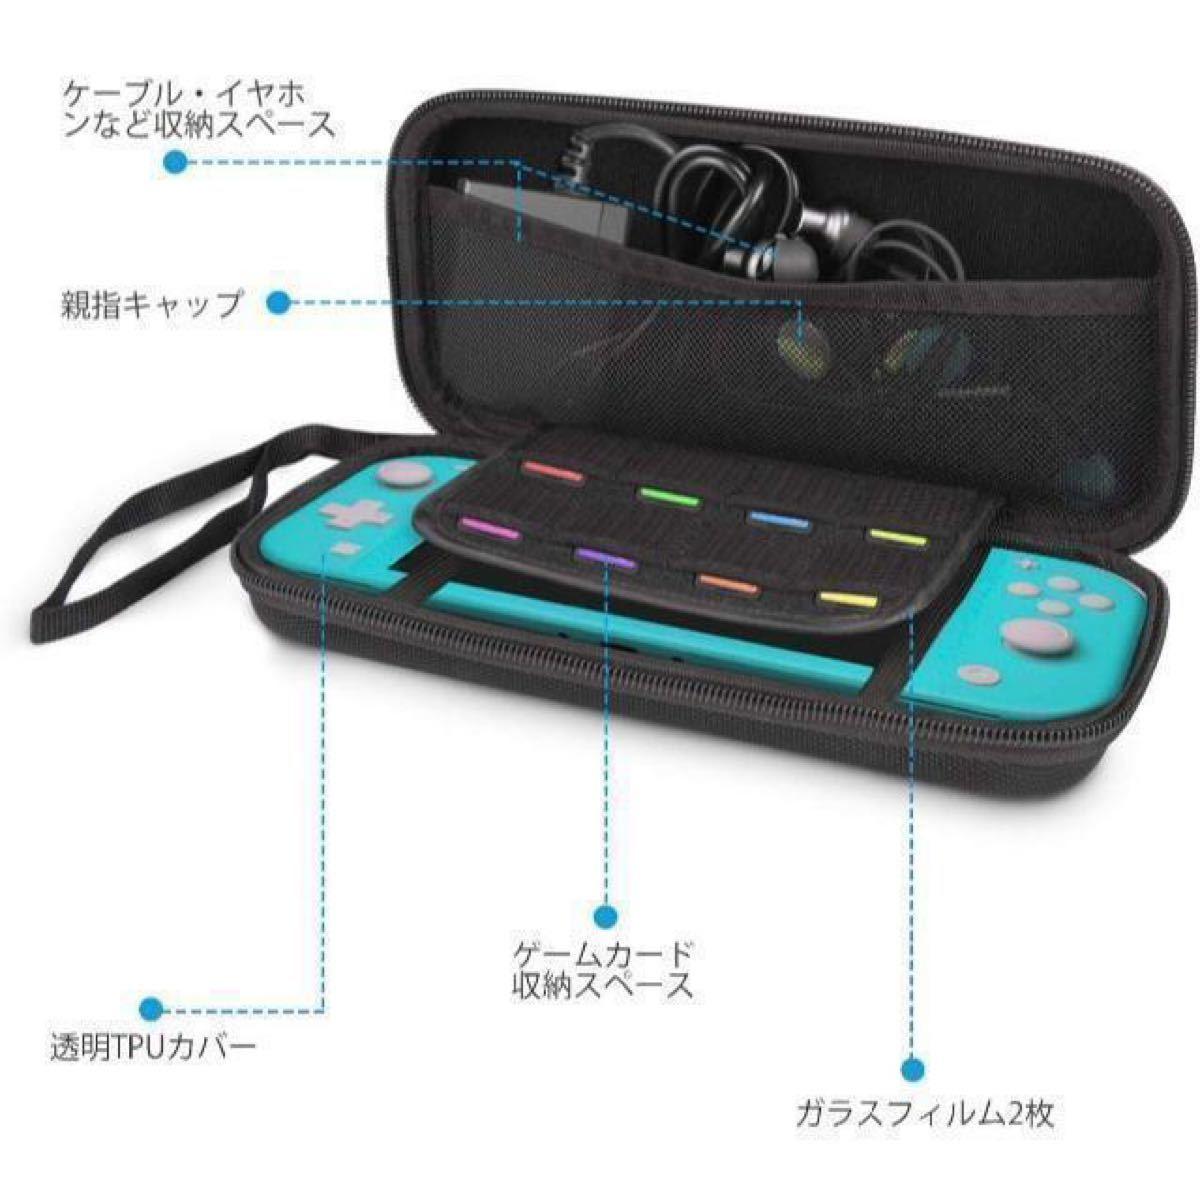 Nintendo Switch 任天堂スイッチケース 収納バッグ ニンテンドースイッチ